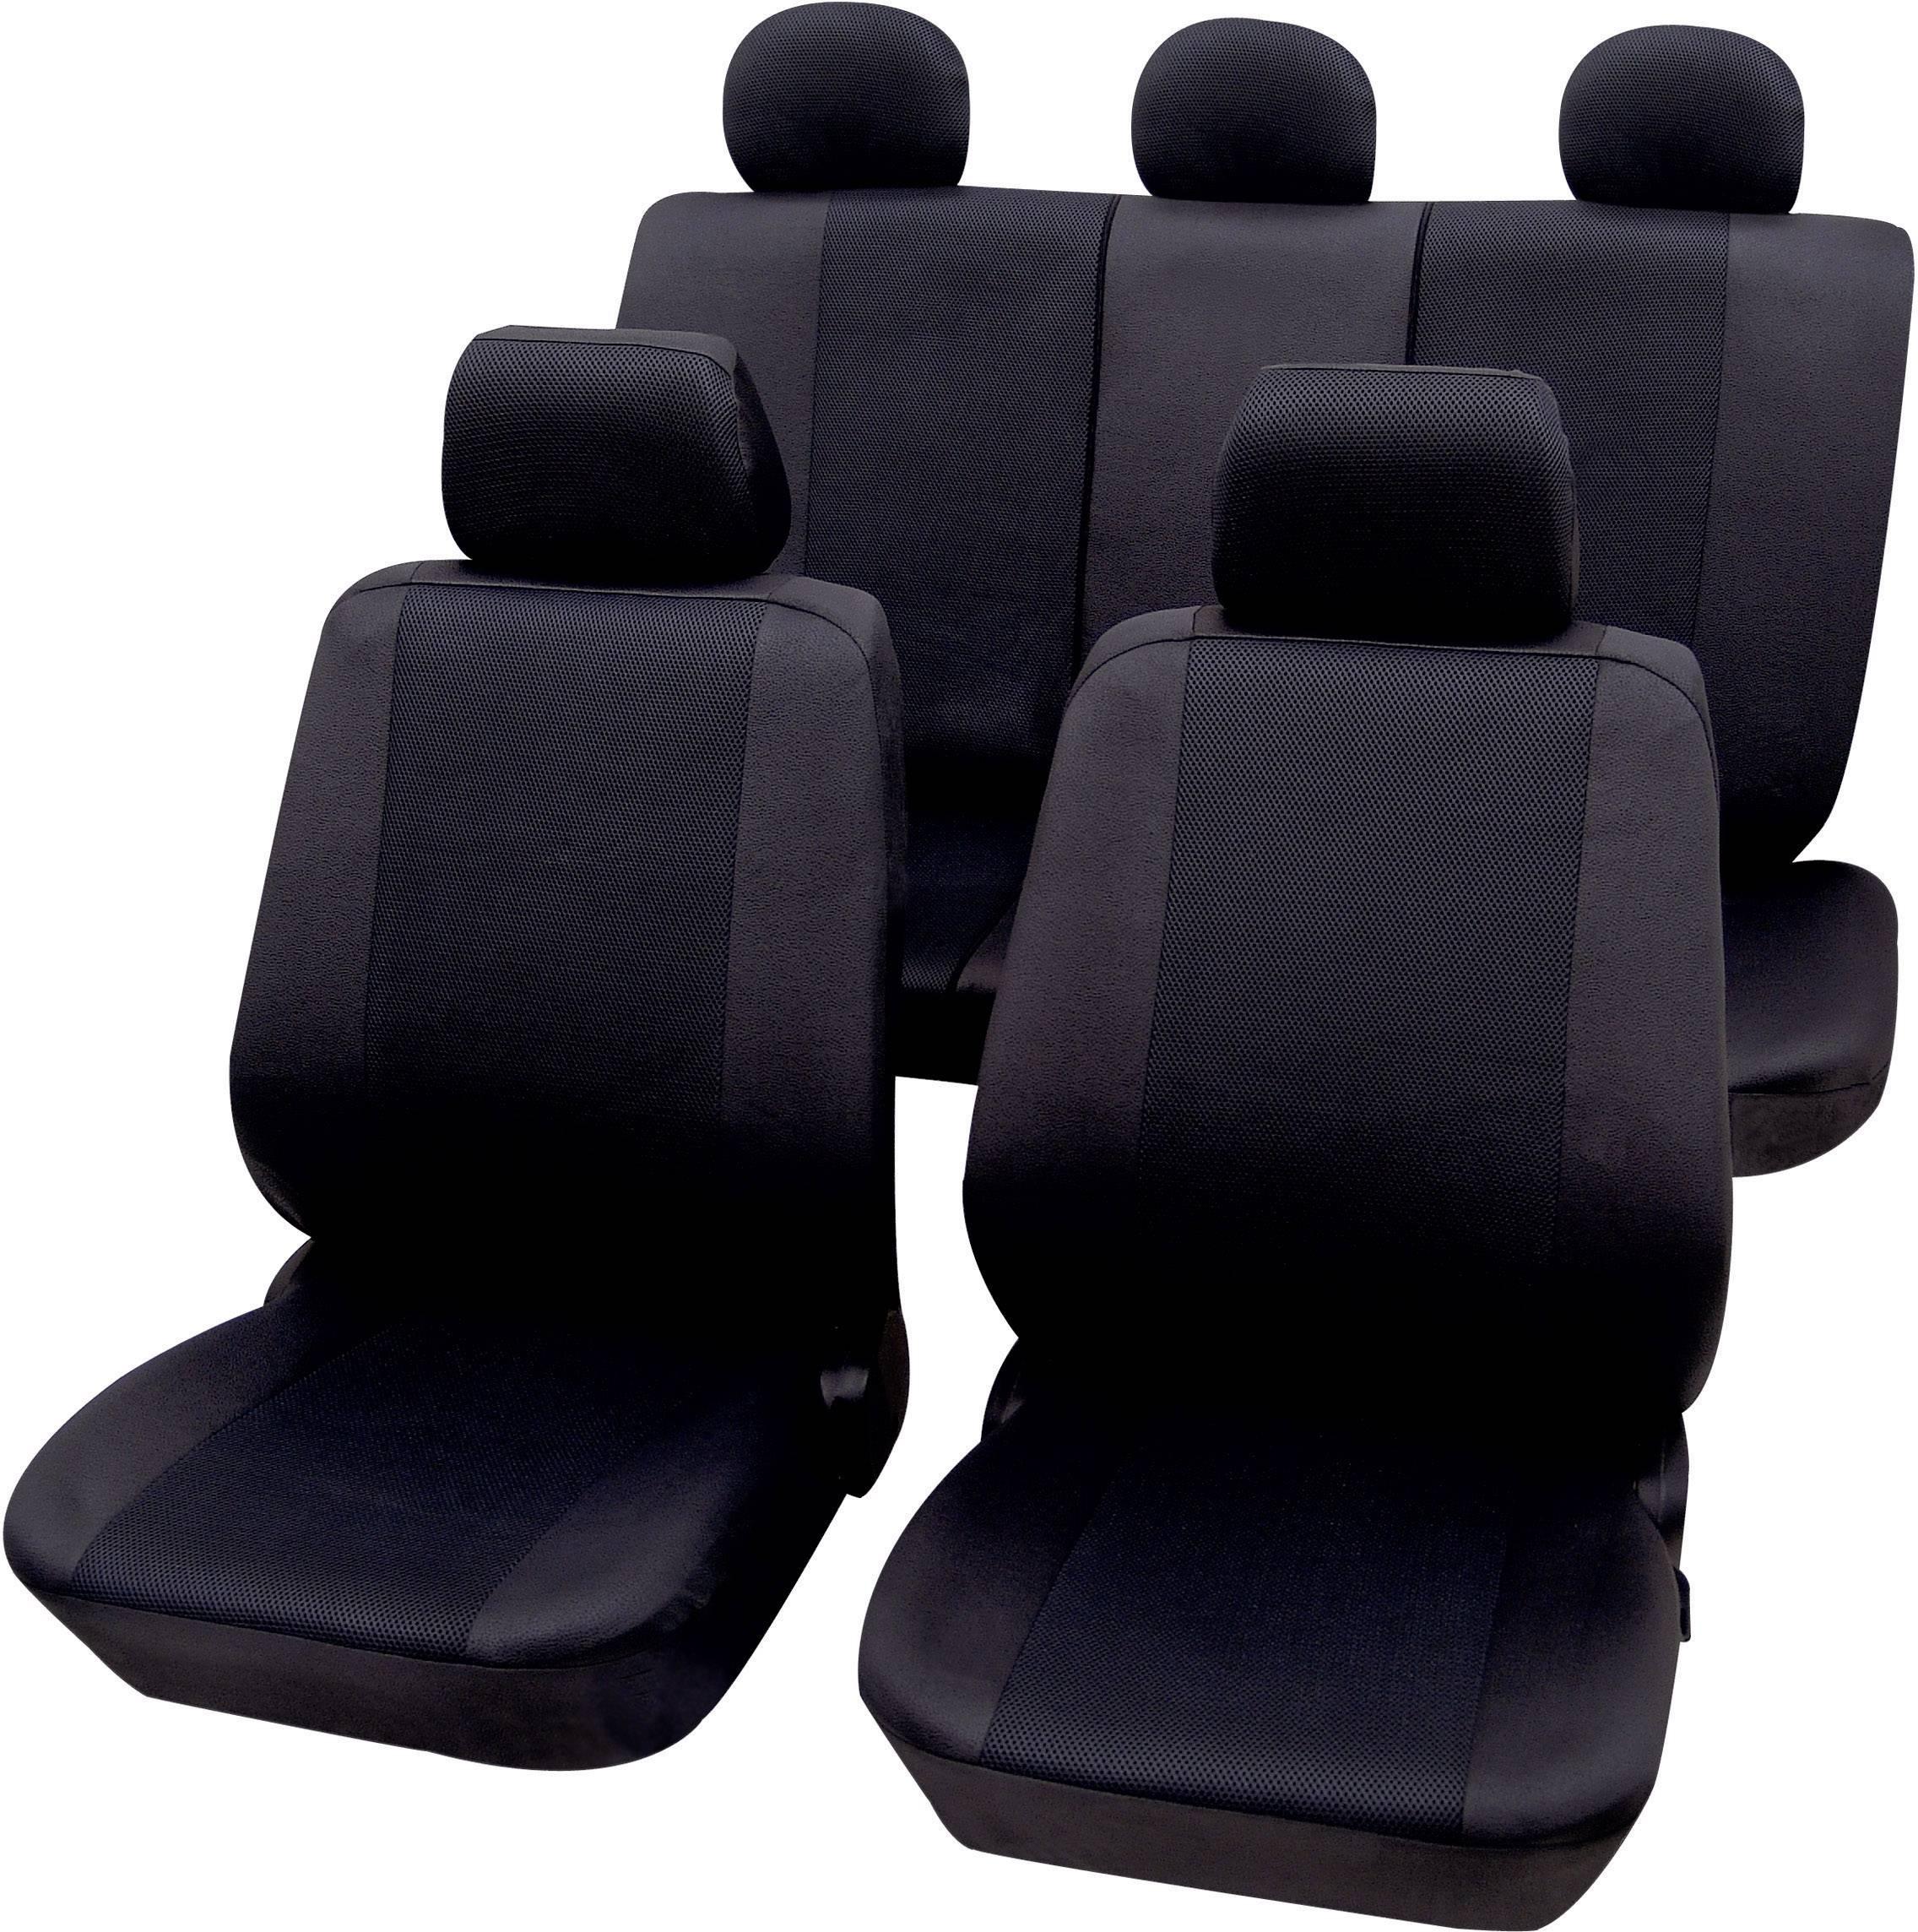 Housse auto Accessoires pour automobile HOUSSES de protection Housse de siège sitzbezüge Ford conducteur & passager 05